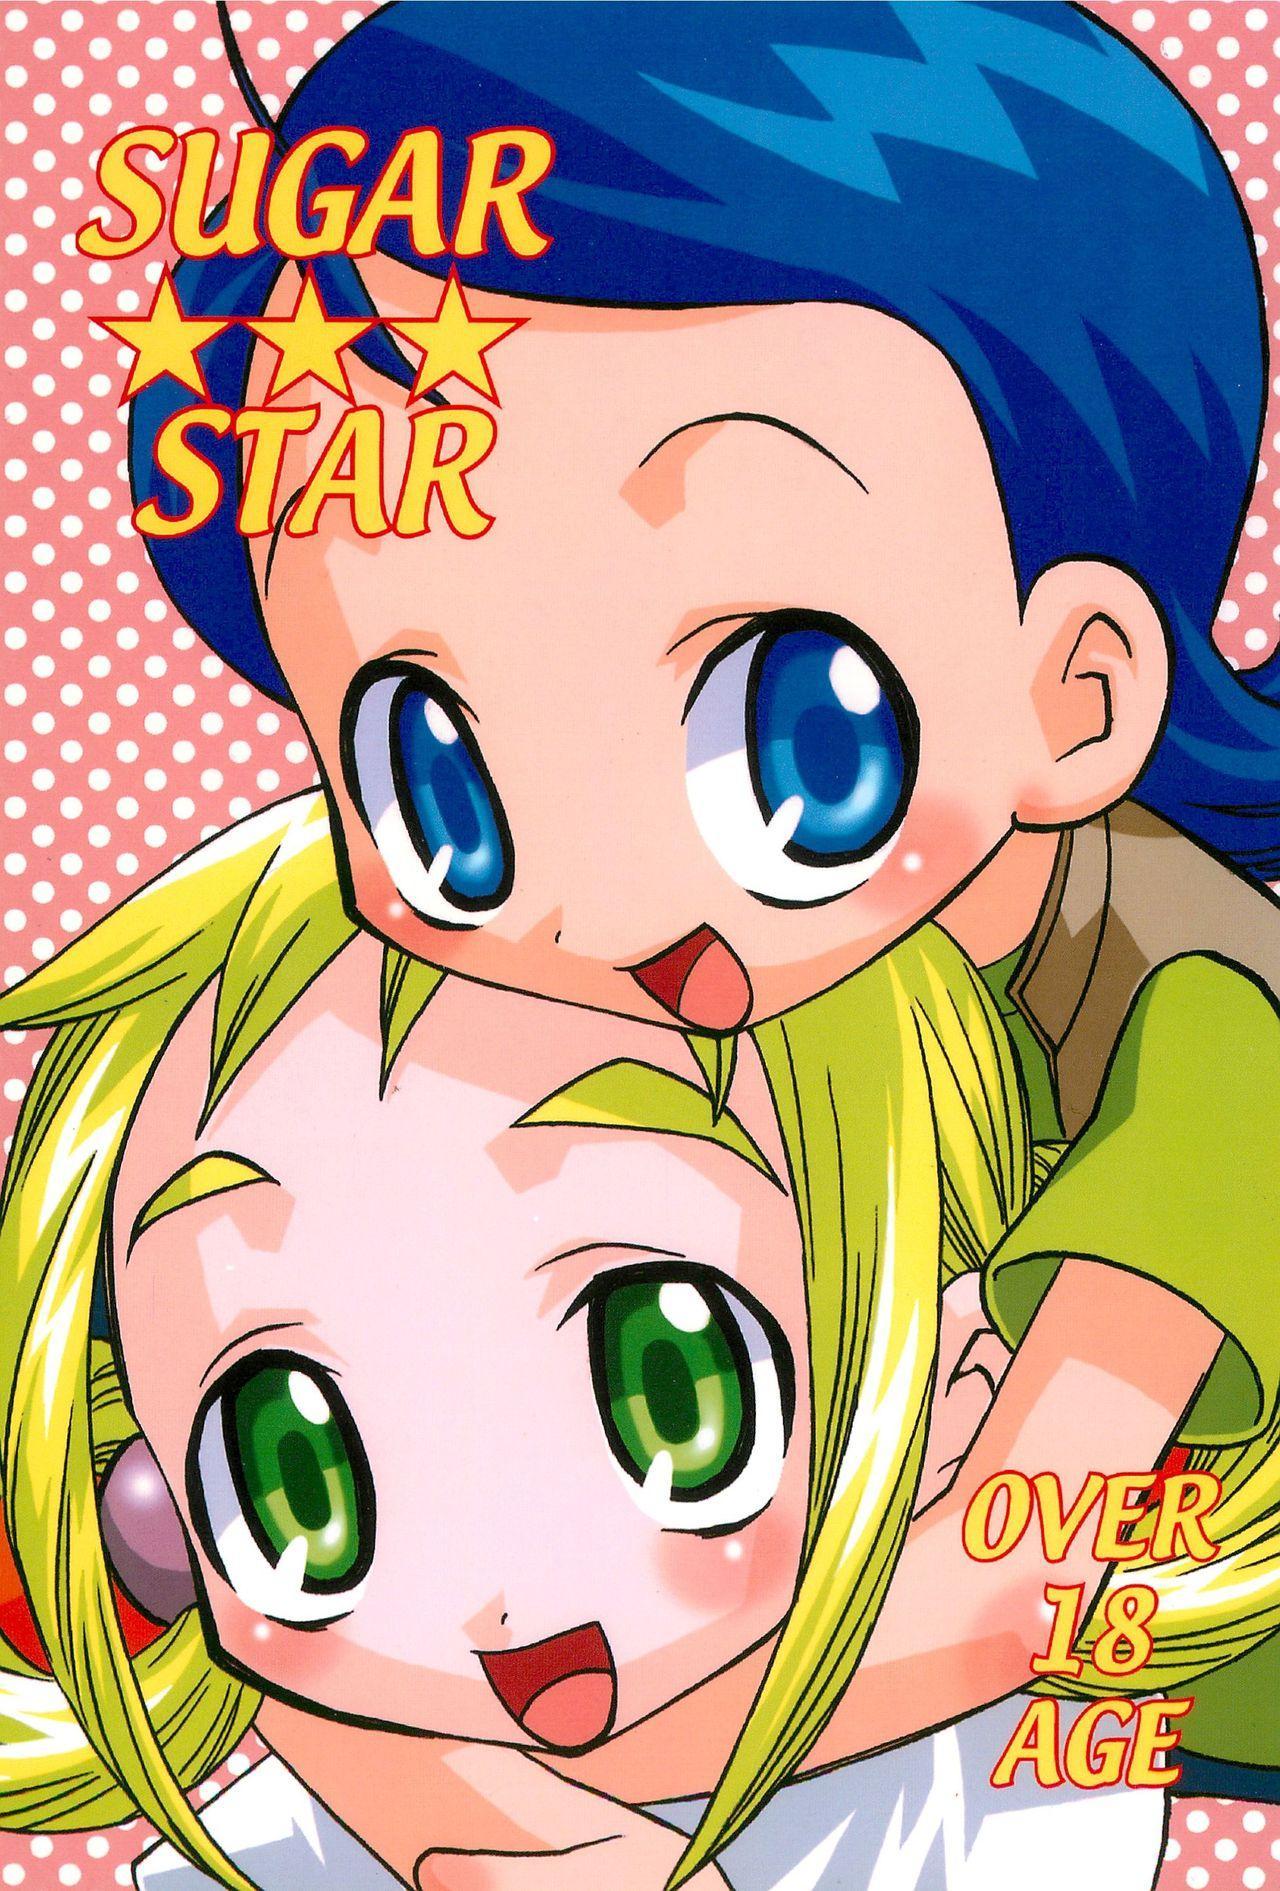 SUGAR STAR 0